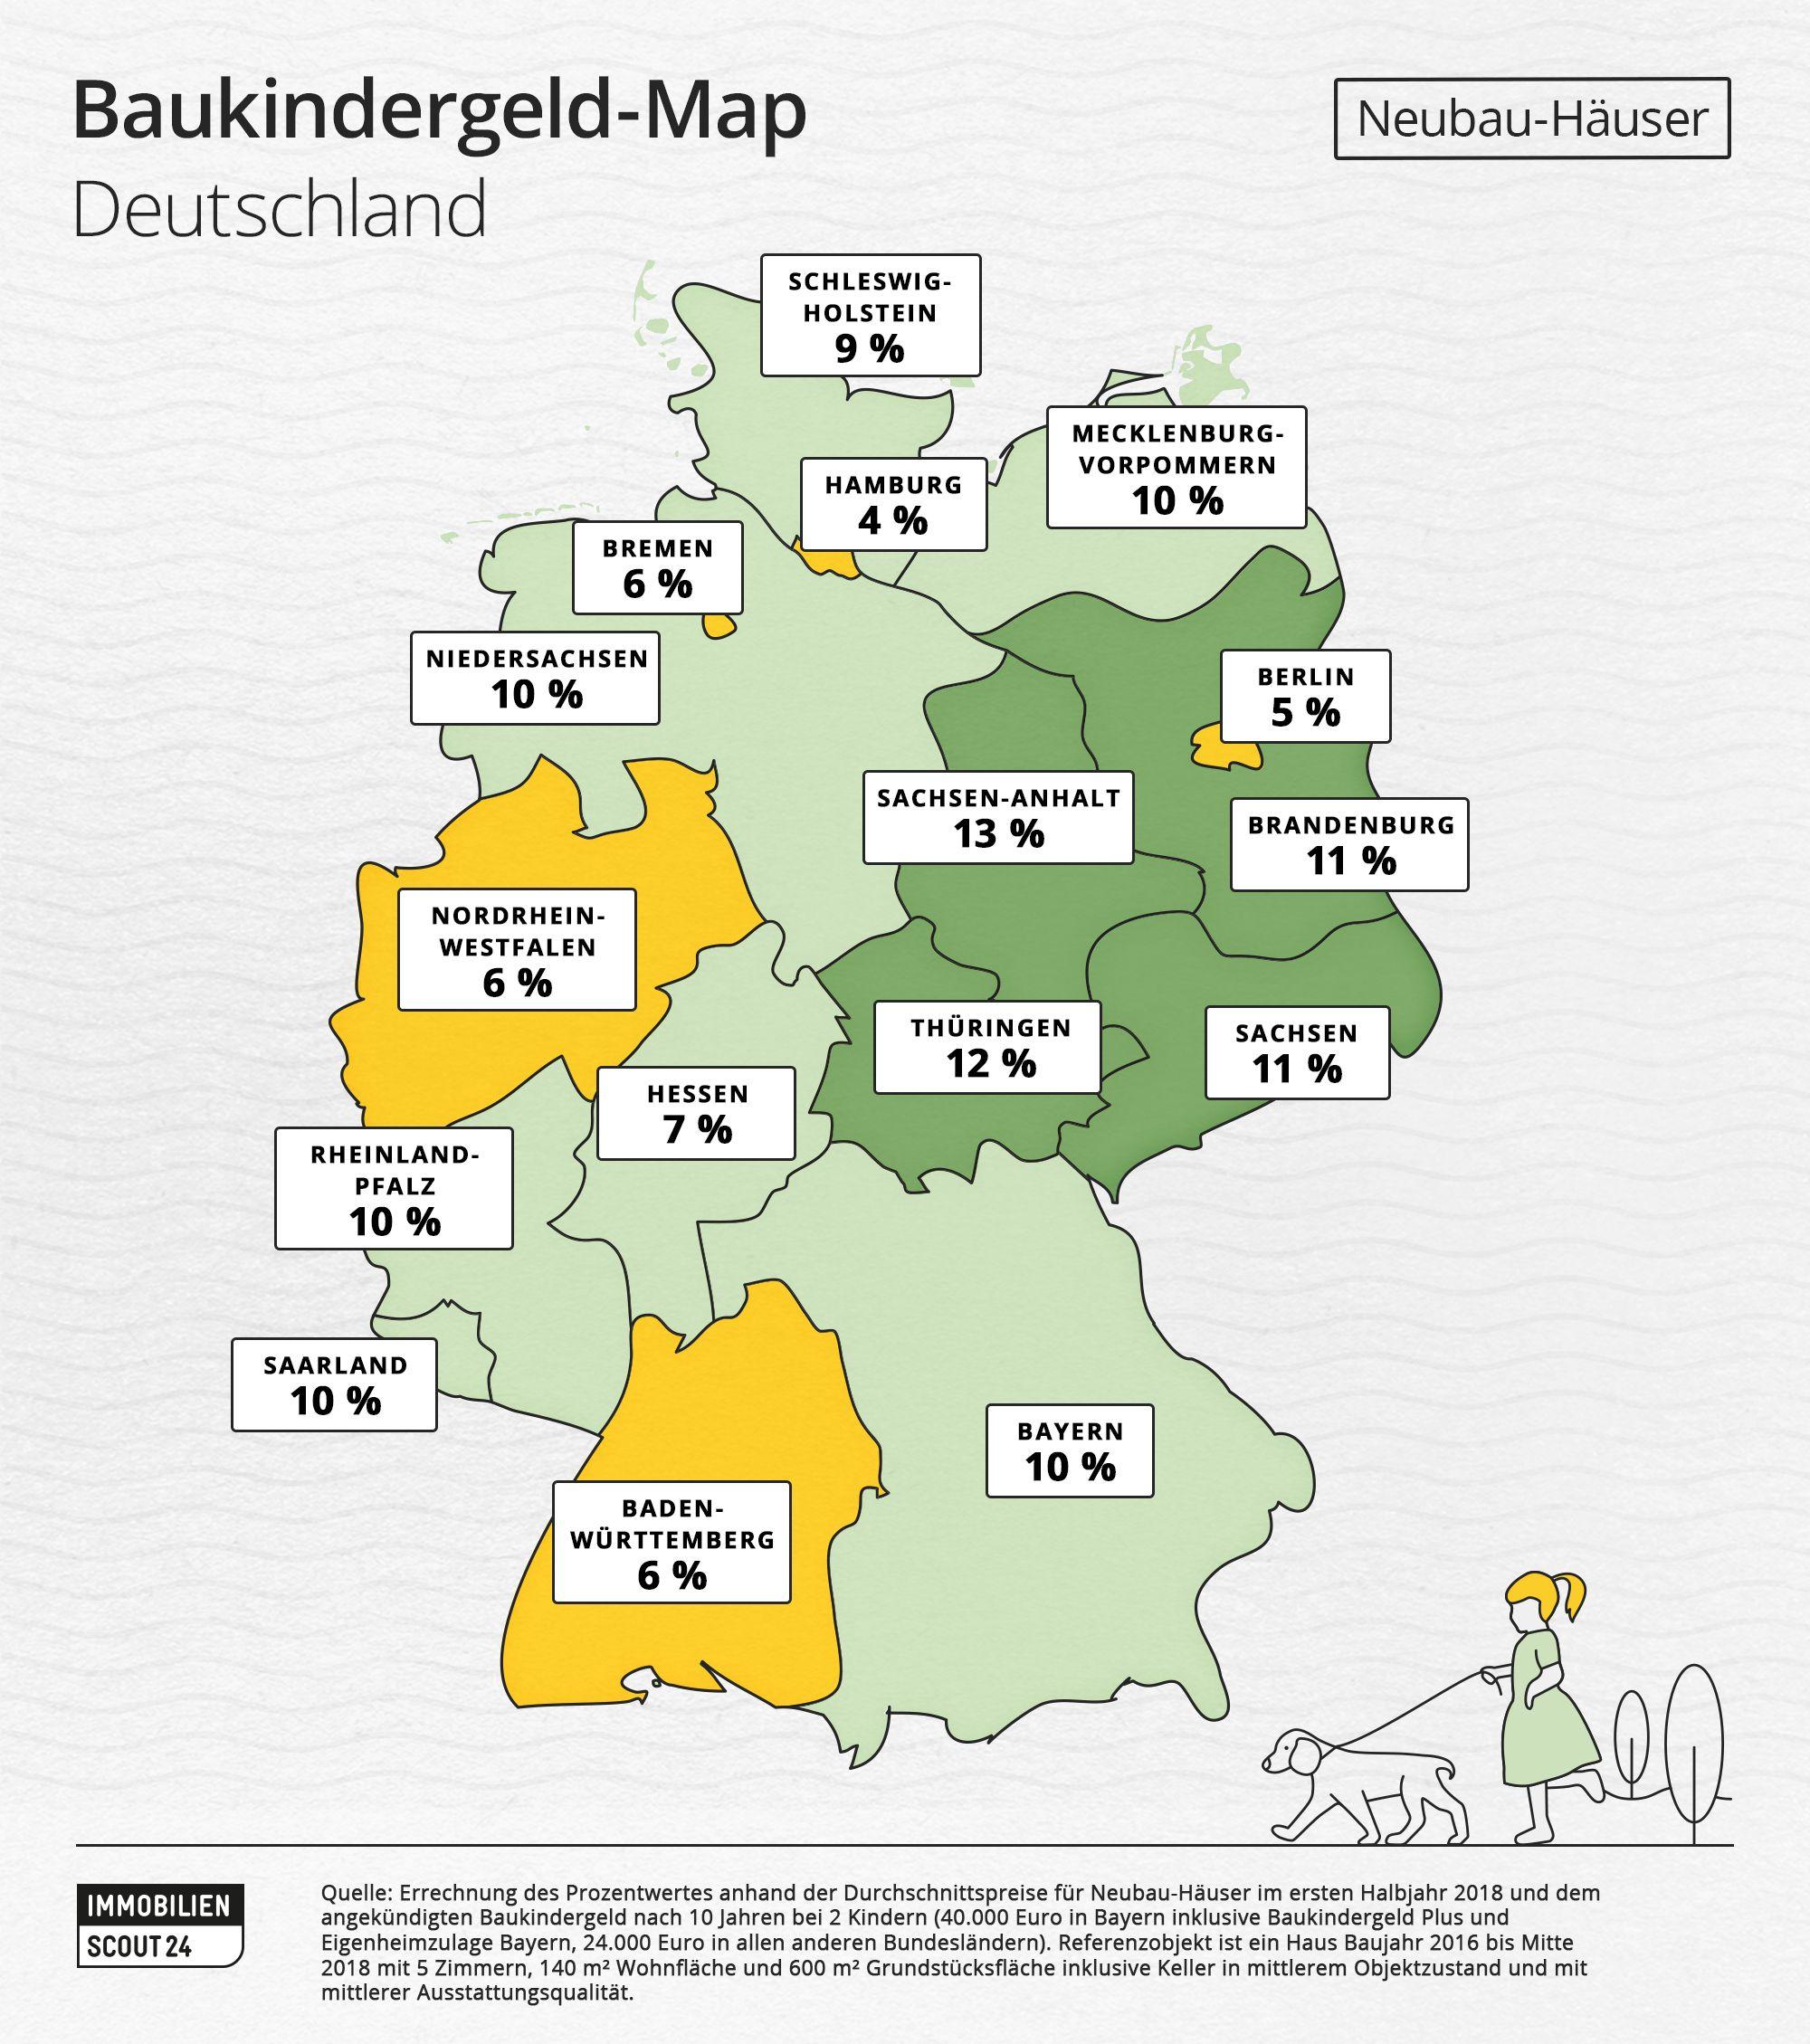 Bundesland Bremen Karte.Baukindergeld Zur Zusatzfinanzierung Ihres Hauses Die Karte Zeigt